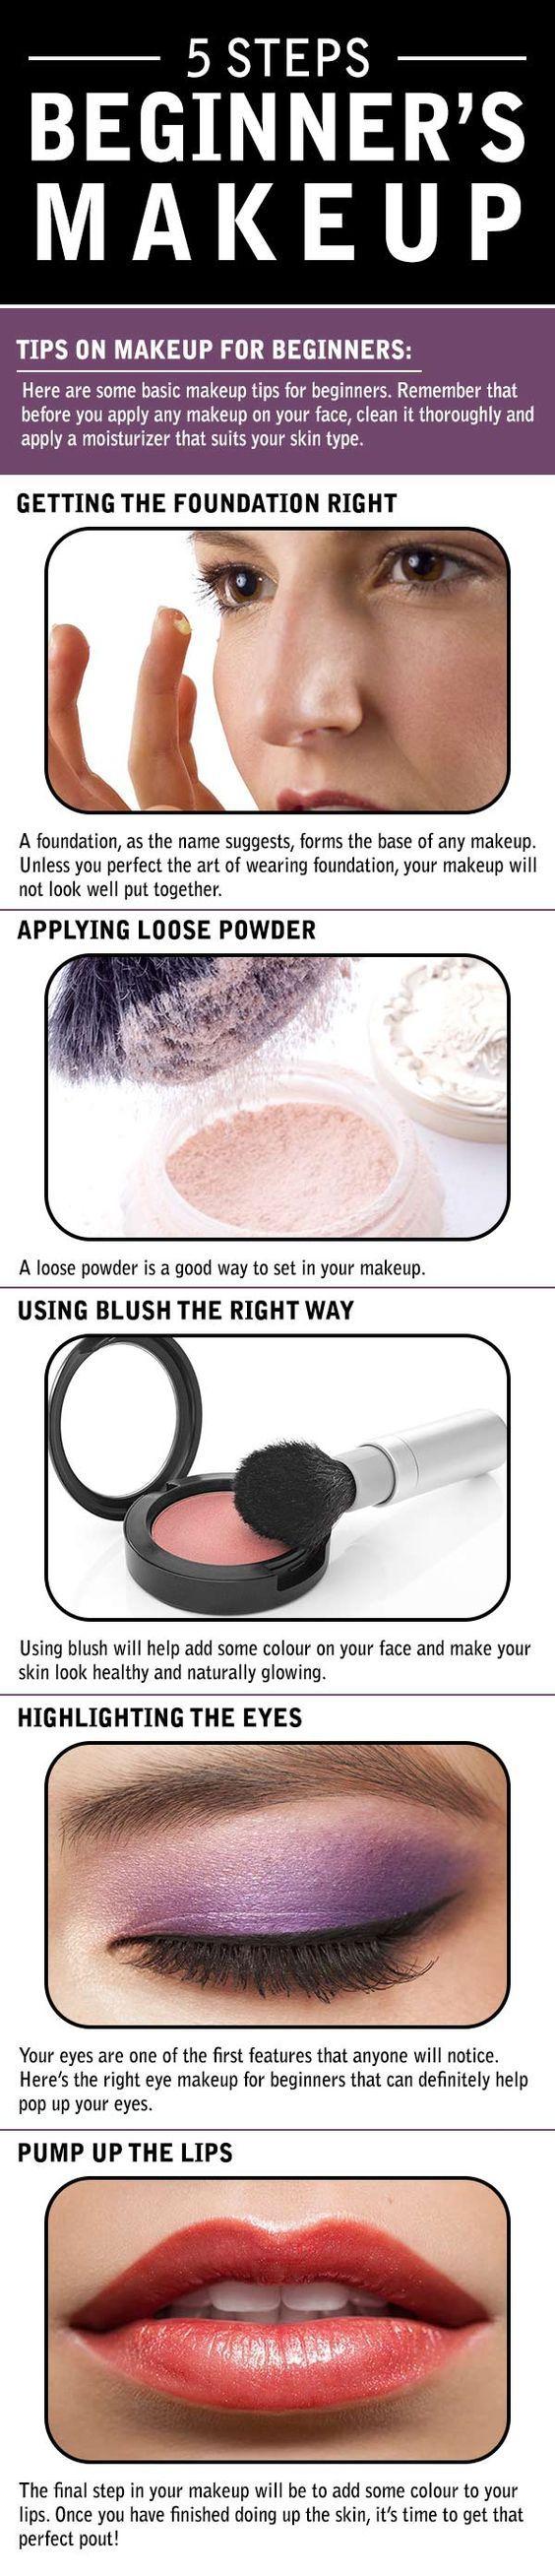 Best 25+ Makeup for beginners ideas on Pinterest | Beginner makeup ...